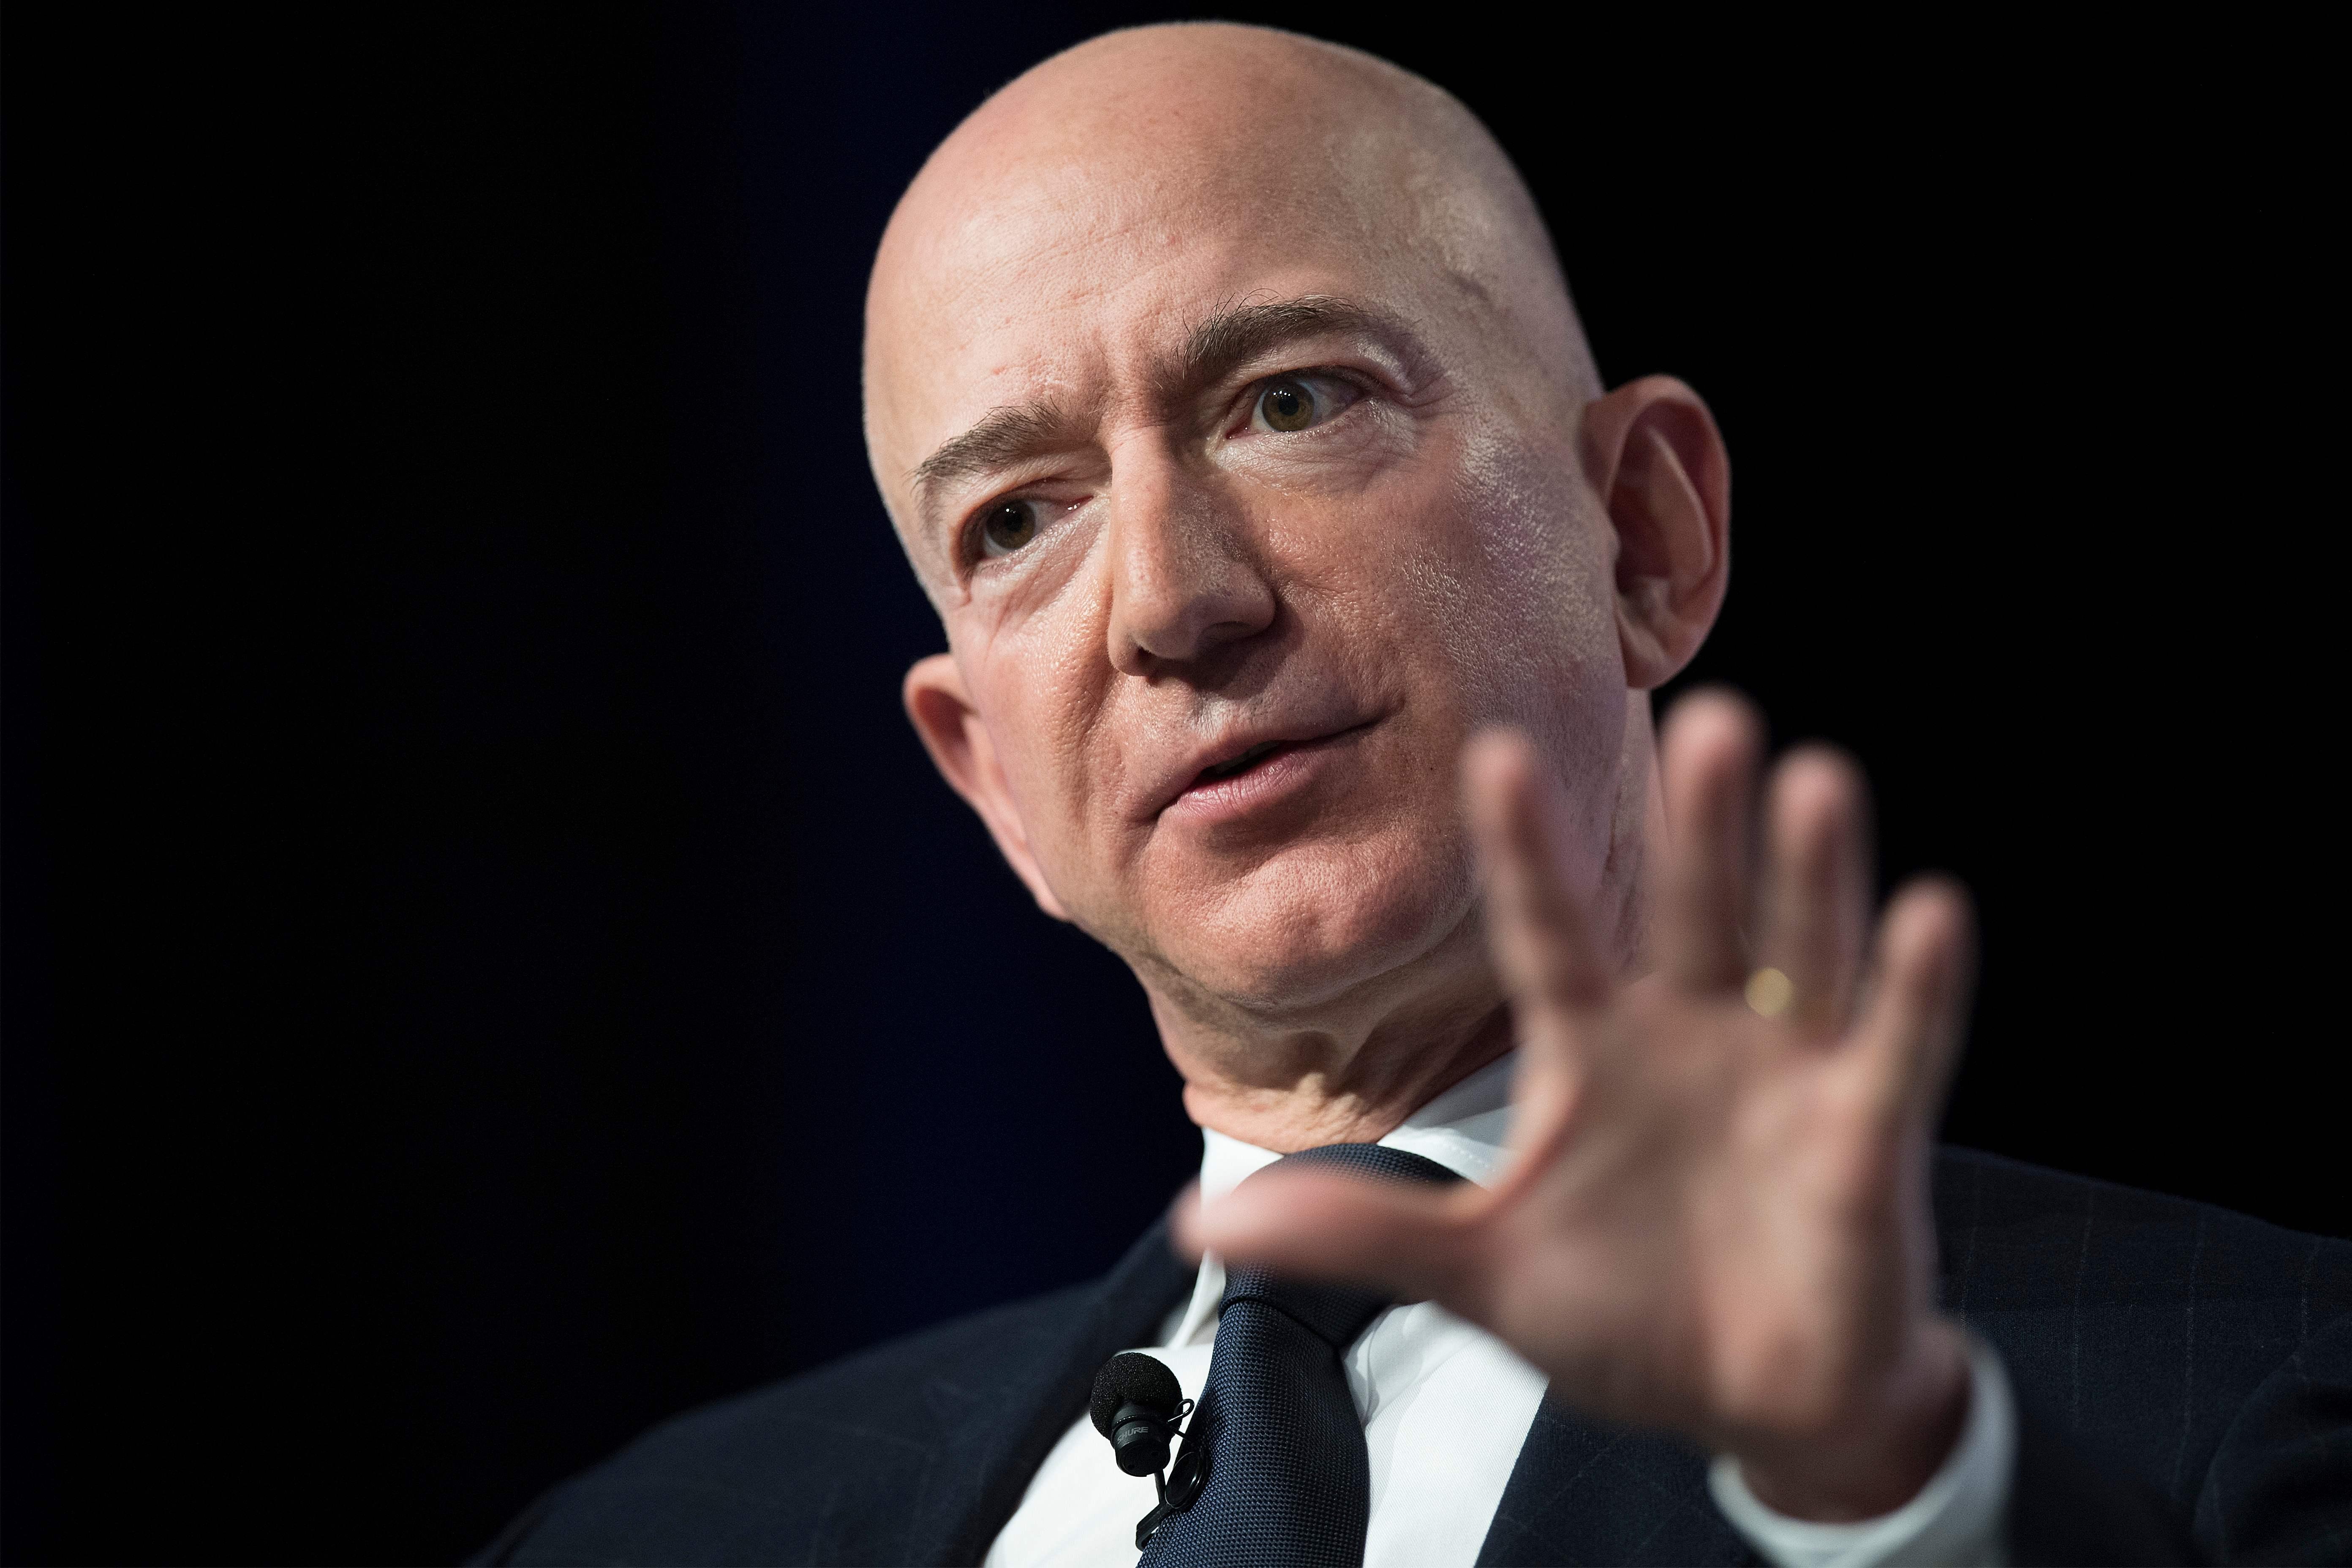 La fortuna de Bezos está valorada en 131.000 millones de dólares, según la revista Forbes. (Foto Prensa Libre: EFE)